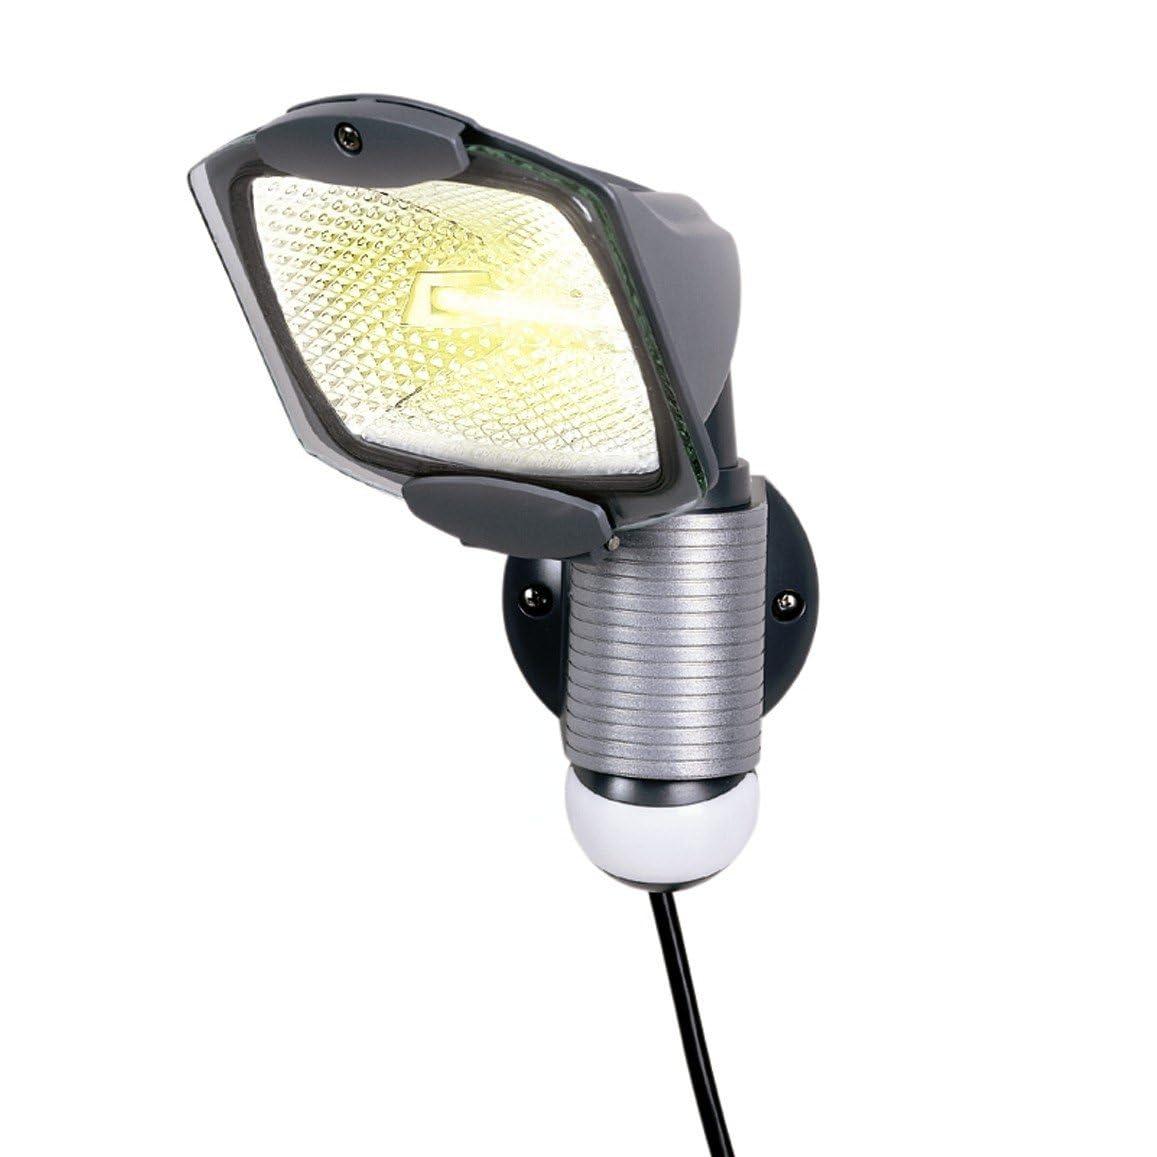 Light Motion Detector